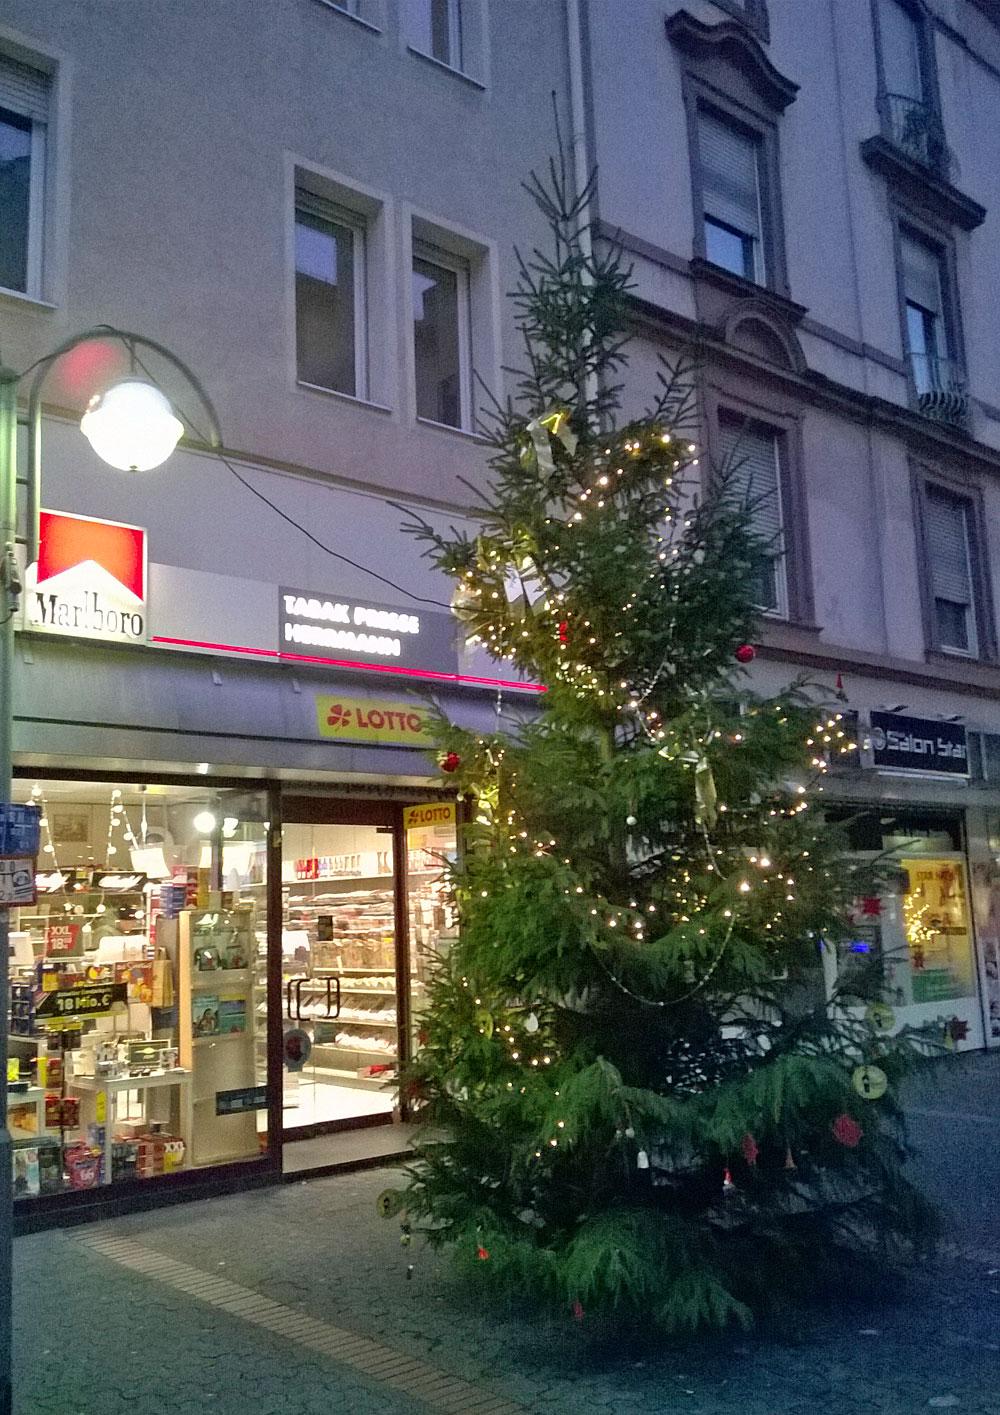 Weihnachtsbaum in Bornheim Mitte